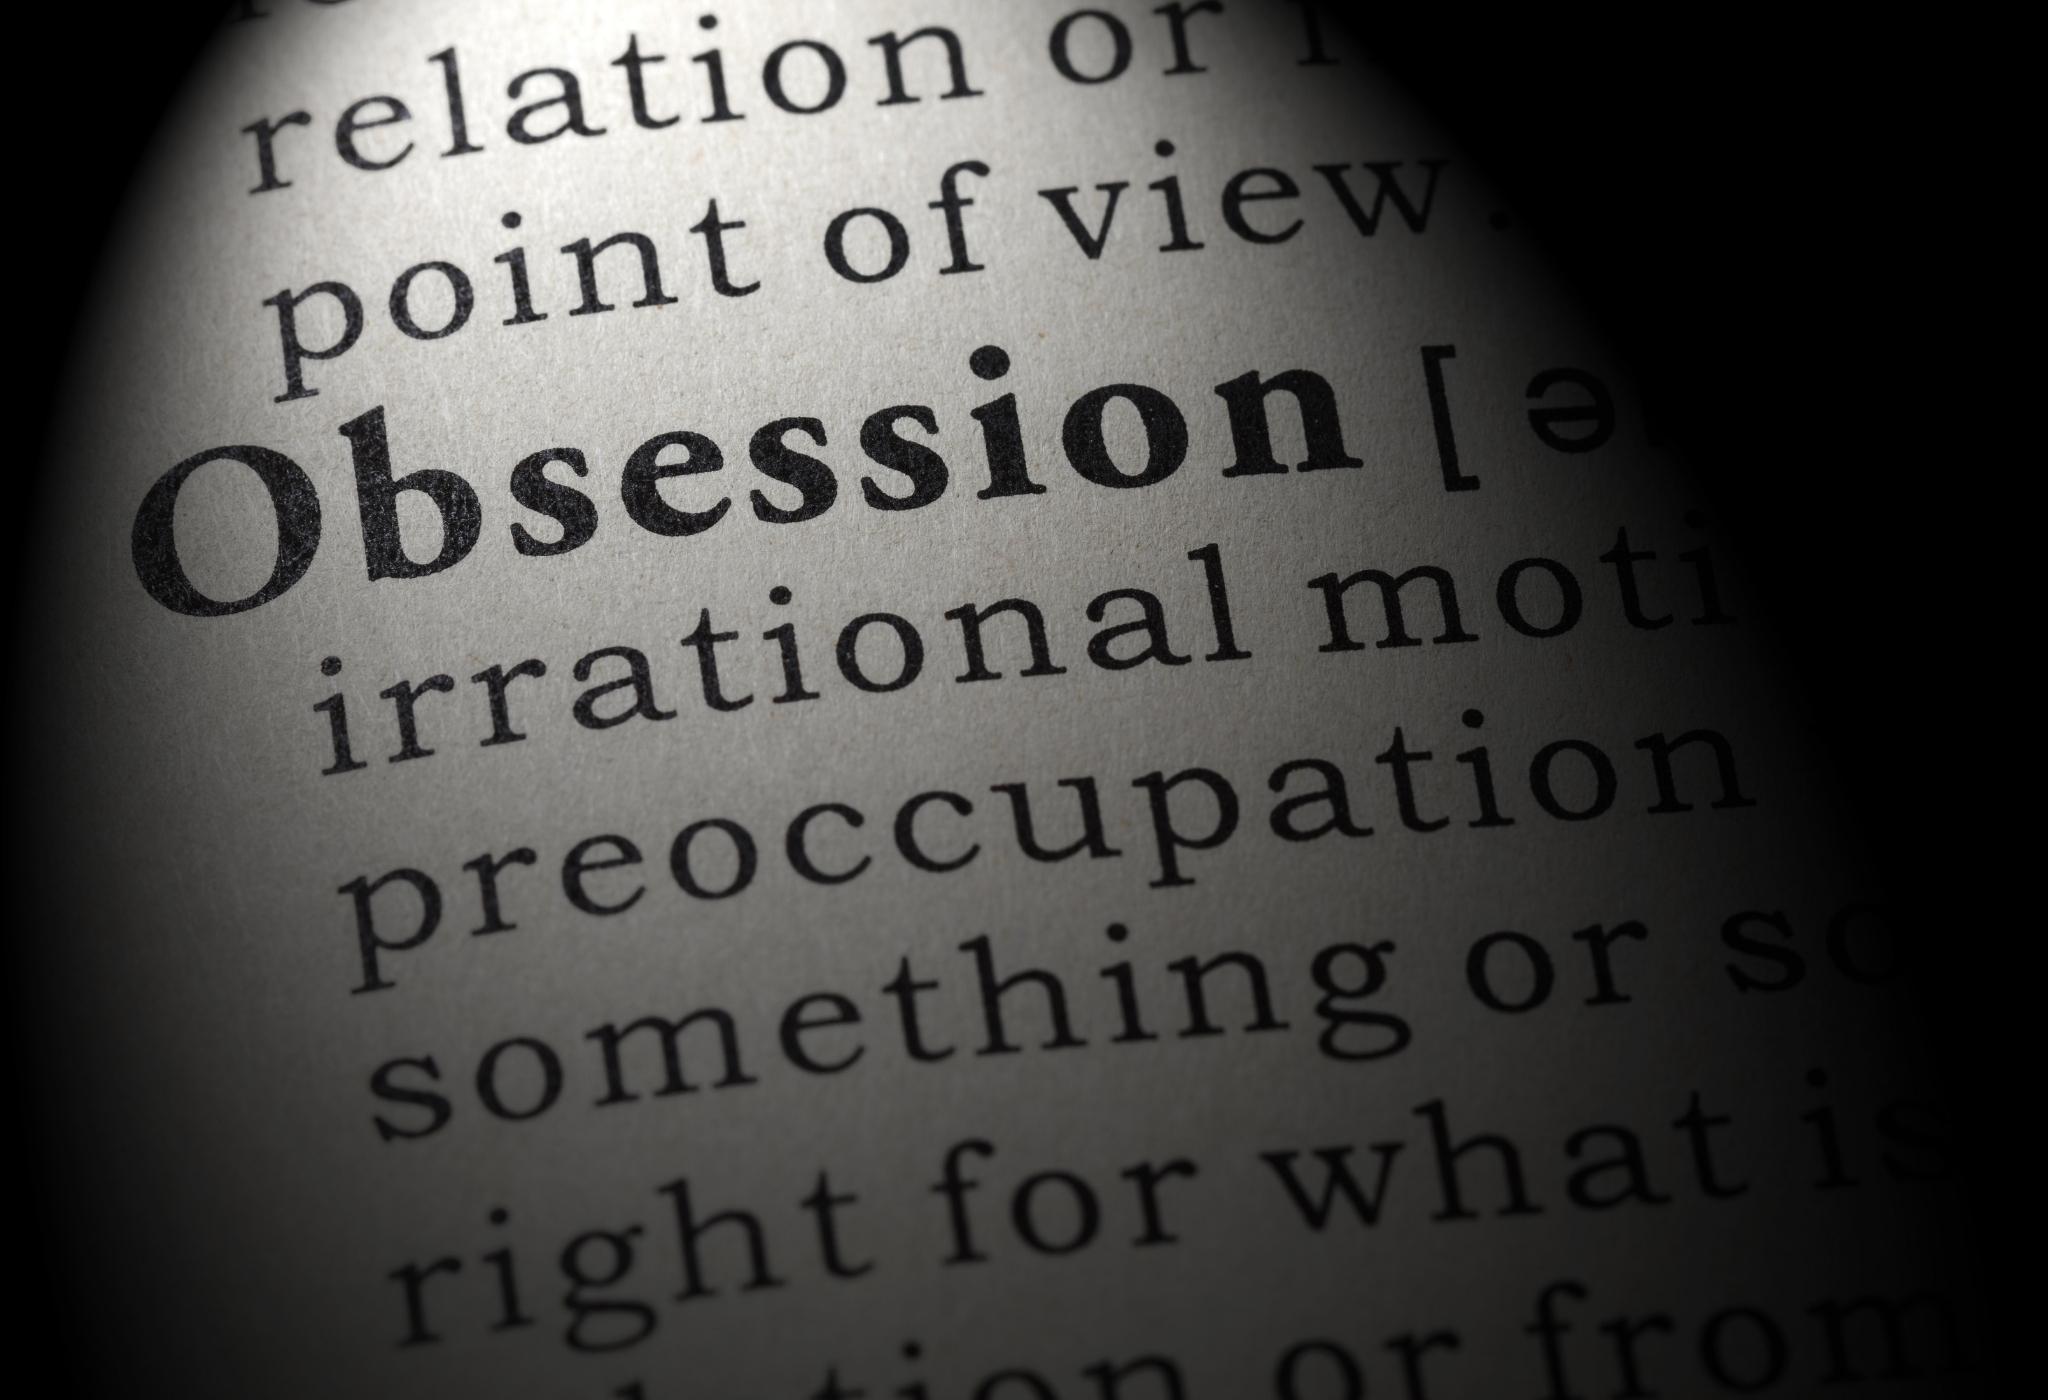 definição de dicionário de obsessão